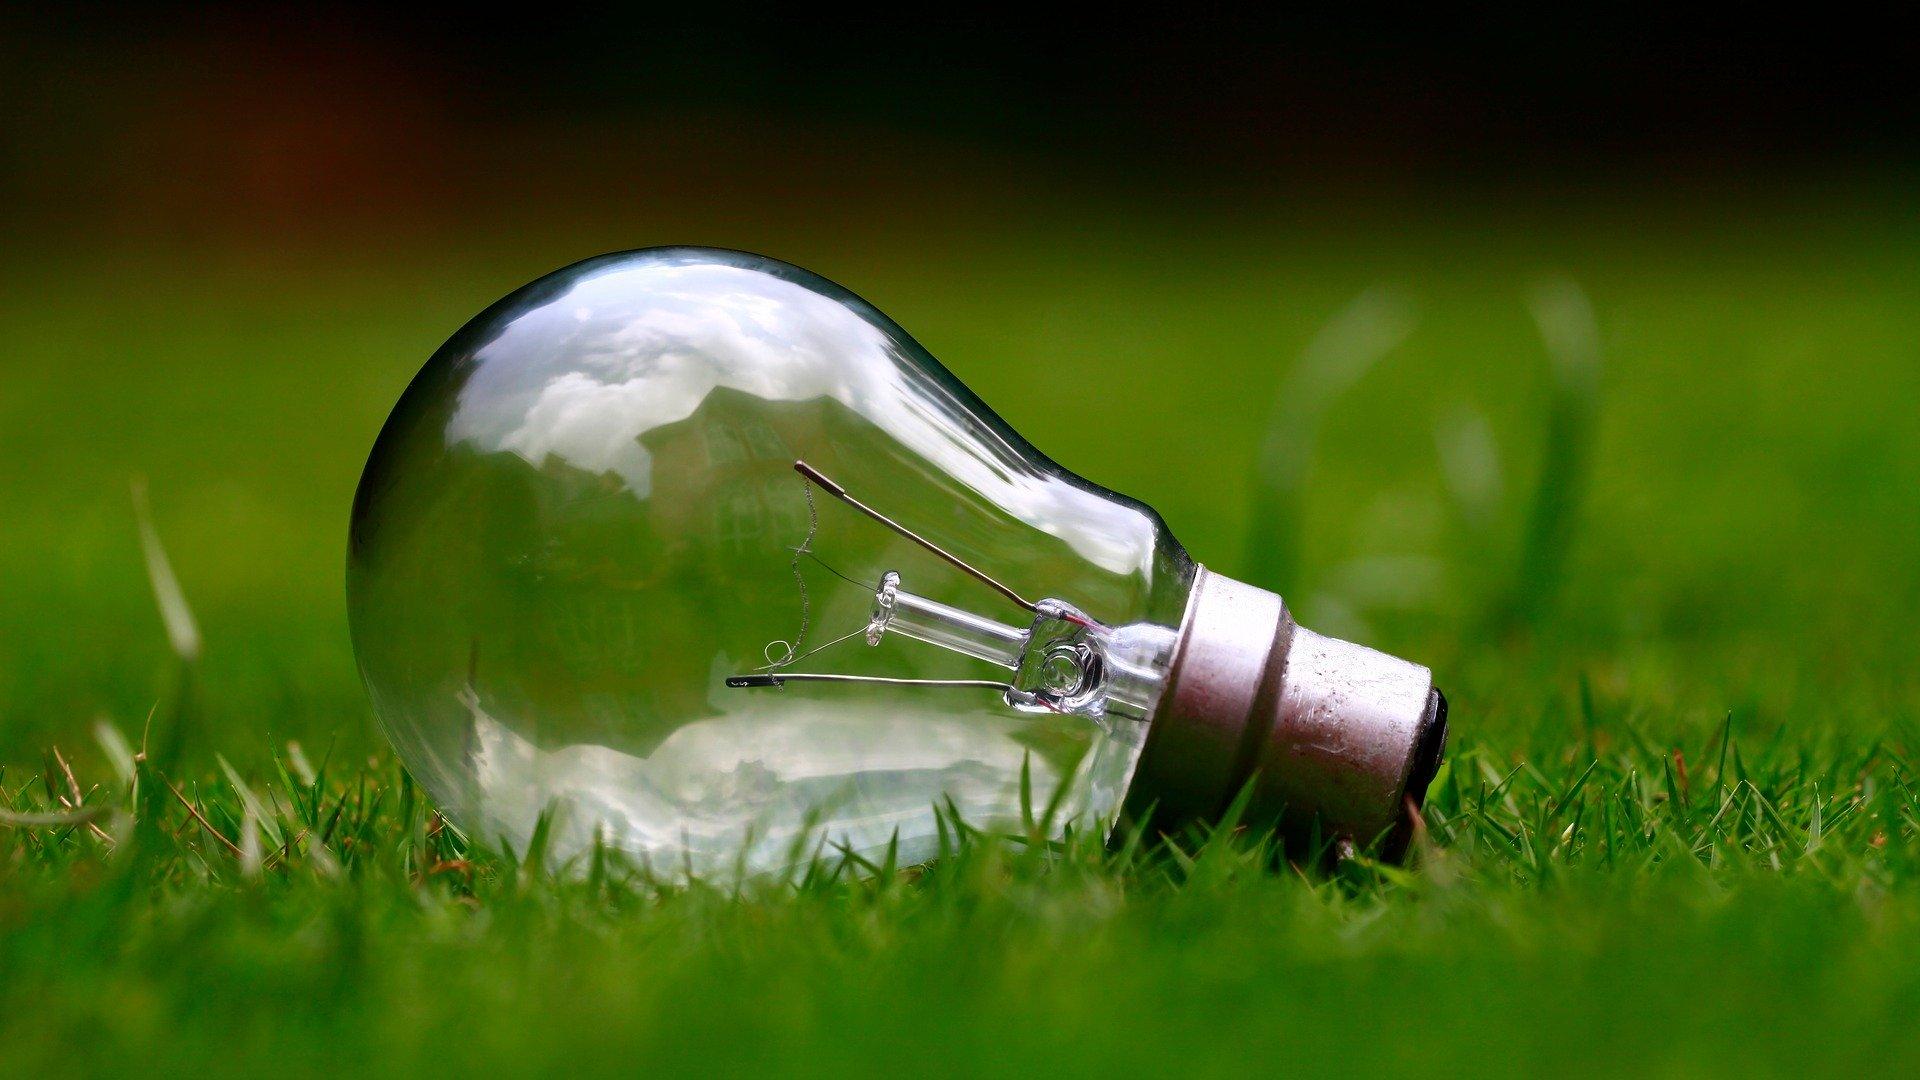 Polacy chcą zmiany na zieloną energię. Dlaczego nadal k...